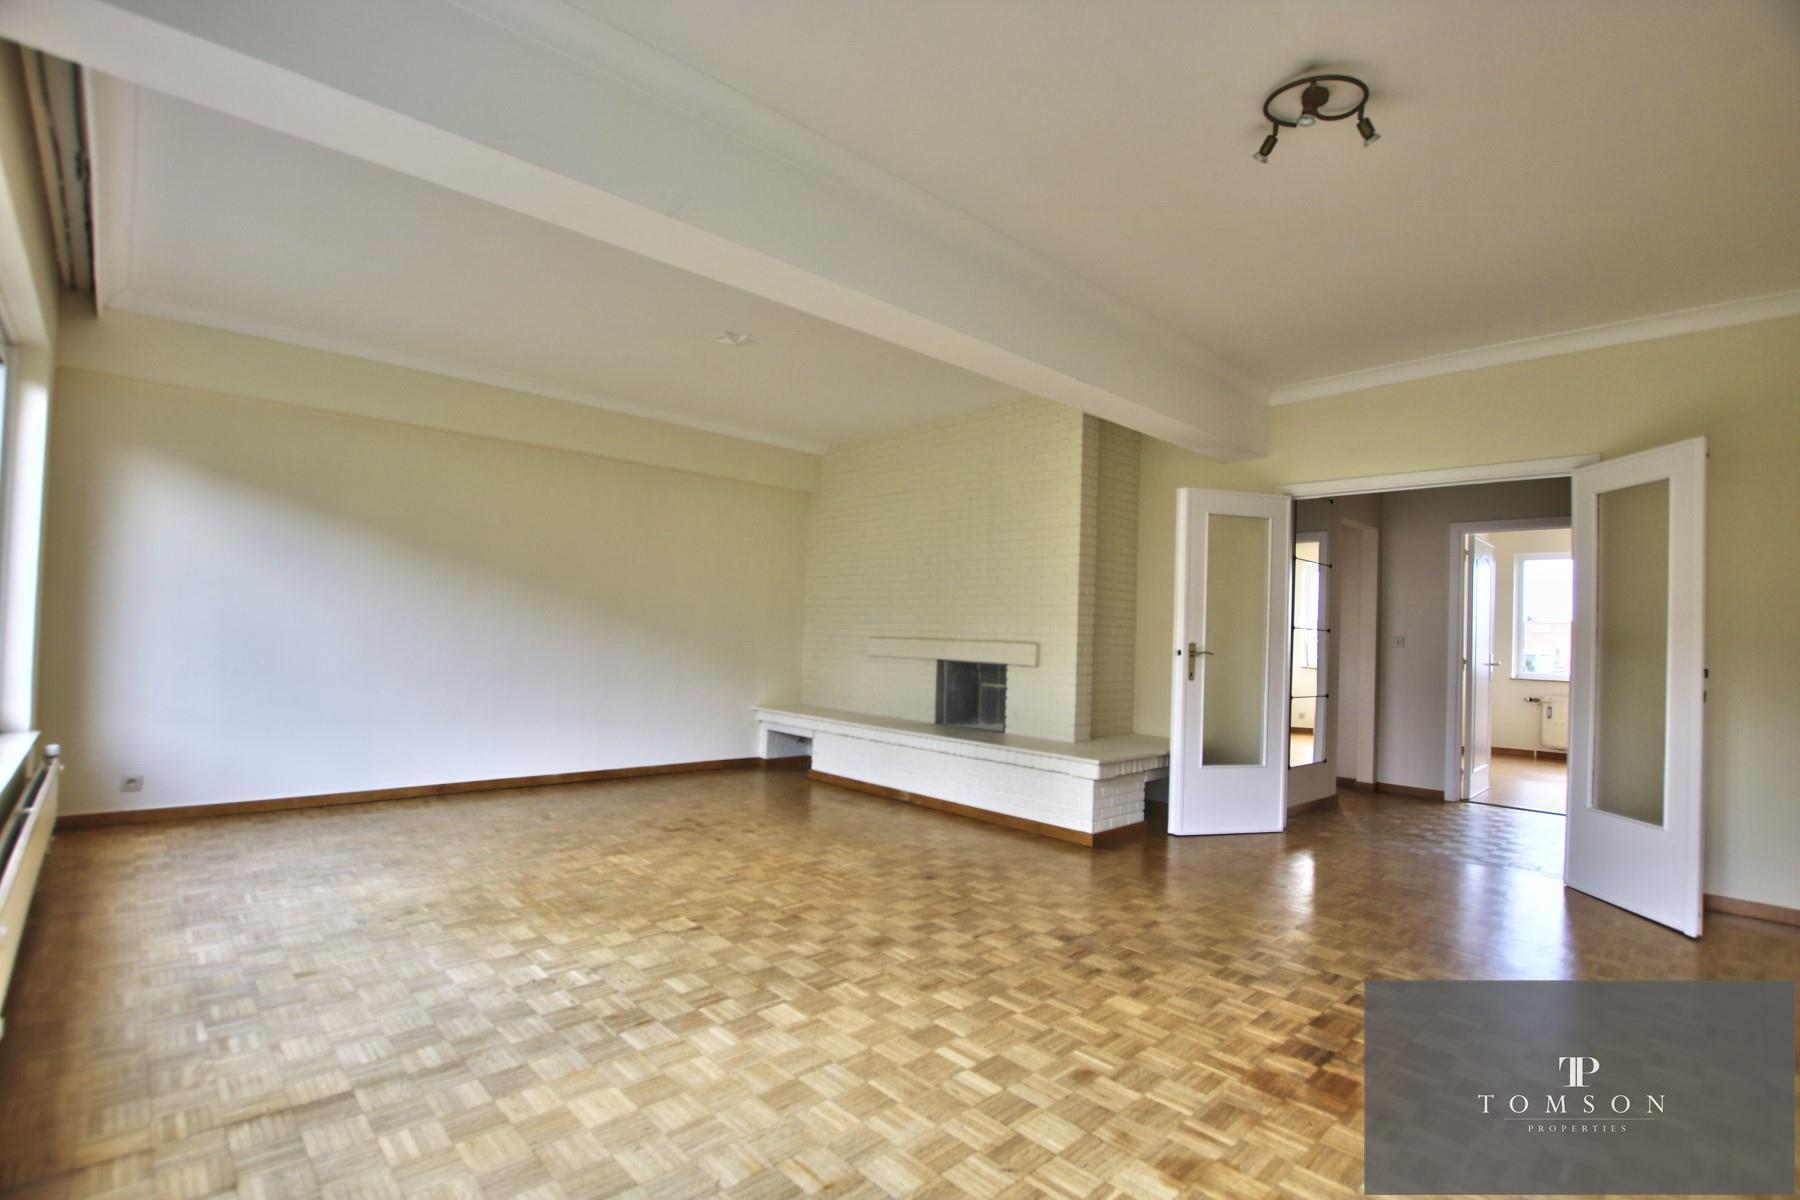 Appartement - Schaerbeek - #4496040-1